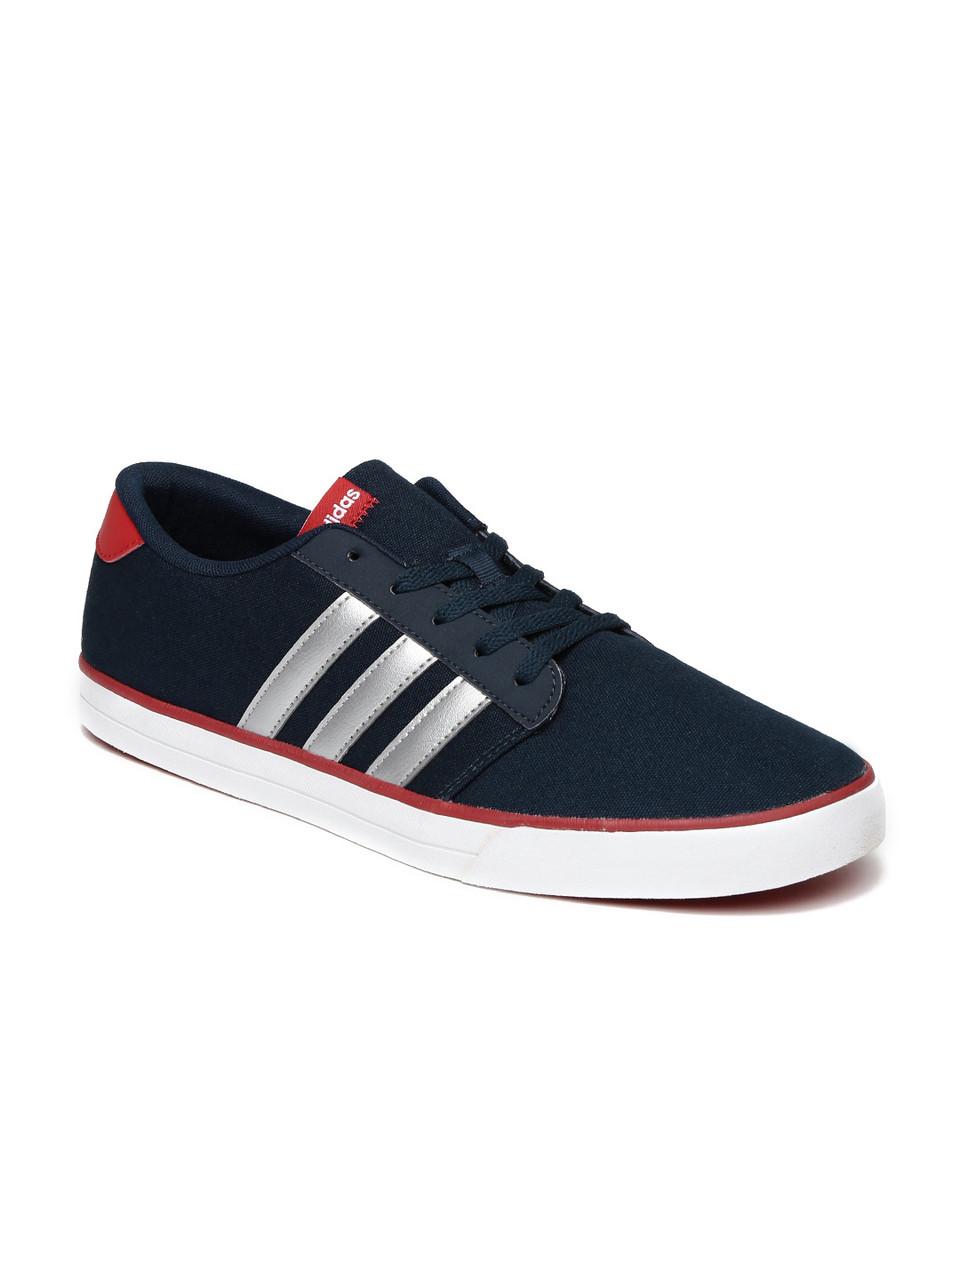 Оригинальные кроссовки Adidas Neo VS Skate